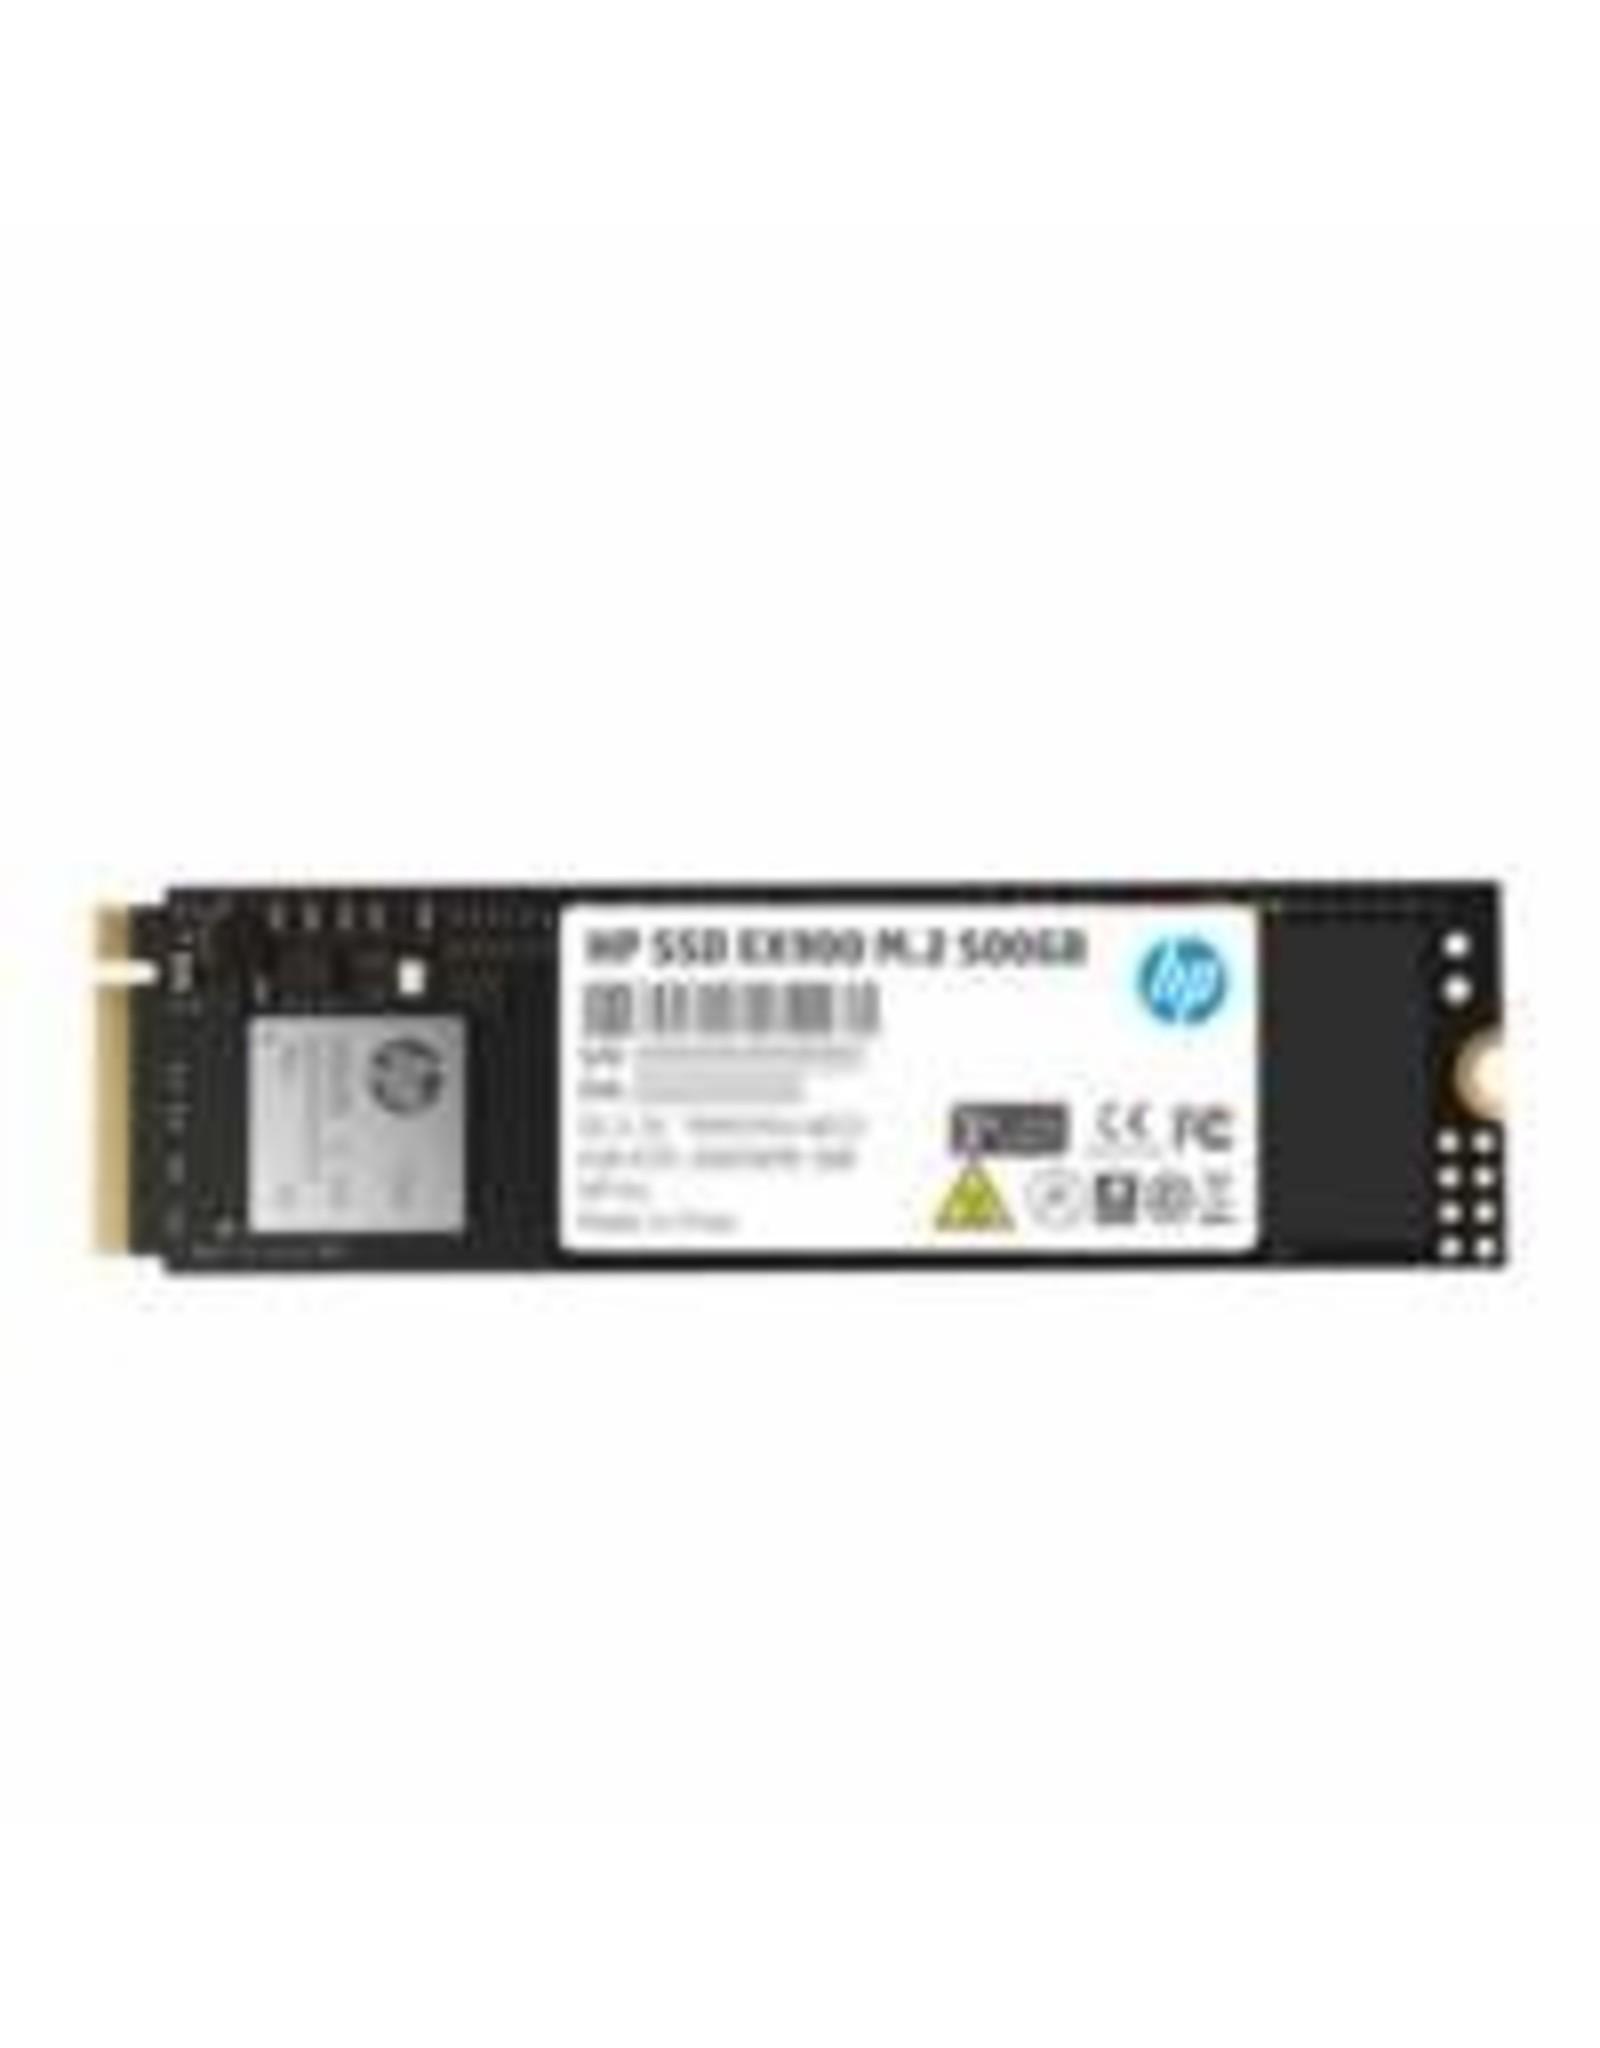 Hewlett Packard SSD 512GB HP M.2 PCI-e NVMe EX900 retail 2100mpbs /1500 mpbs